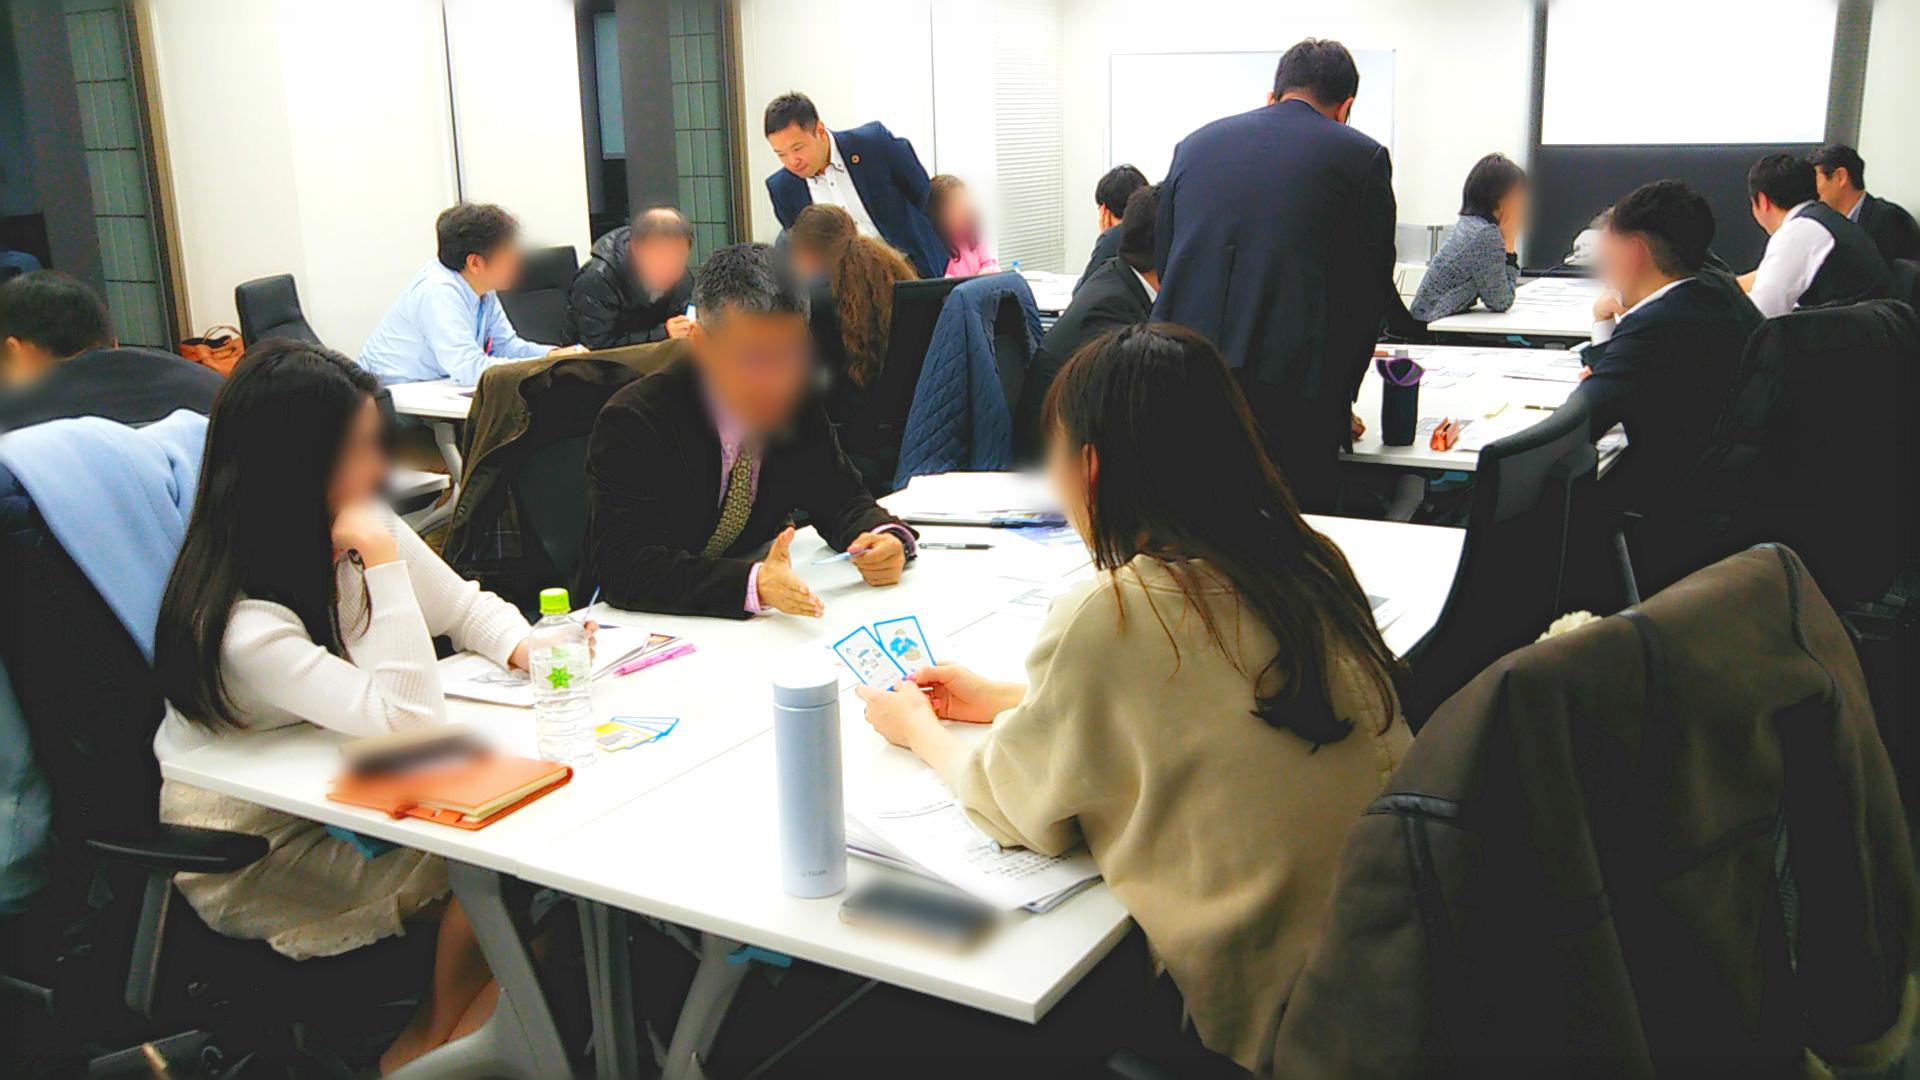 SDGsカードゲーム研修 - カードゲームでSDGsを題材にしたイノベーションを体験!「SDGs勉強会」開催レポート